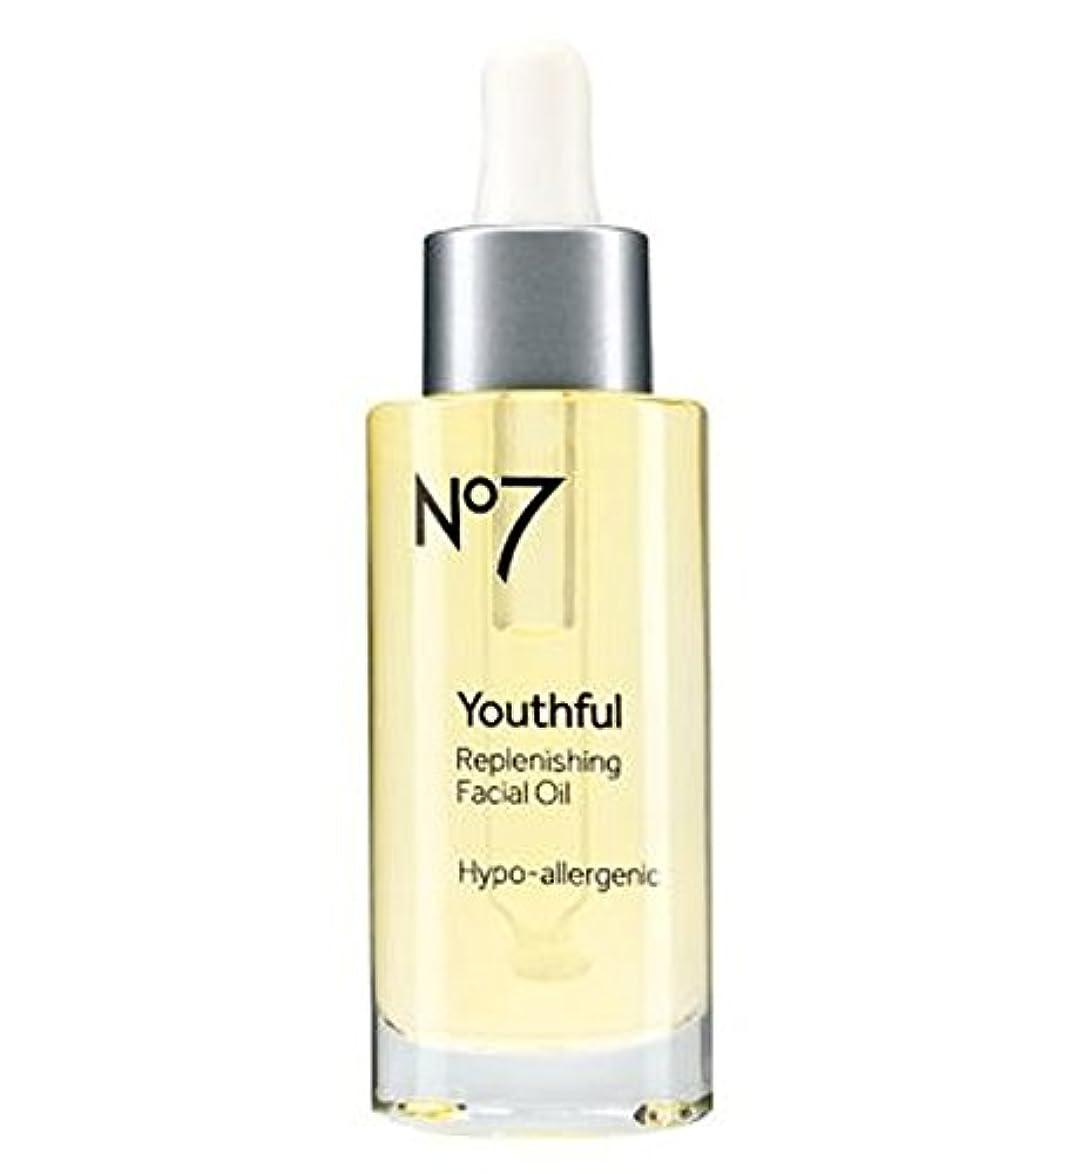 夫ドライ液体No7 Youthful Replenishing Facial Oil 30ml - No7若々しい補給フェイシャルオイル30ミリリットル (No7) [並行輸入品]